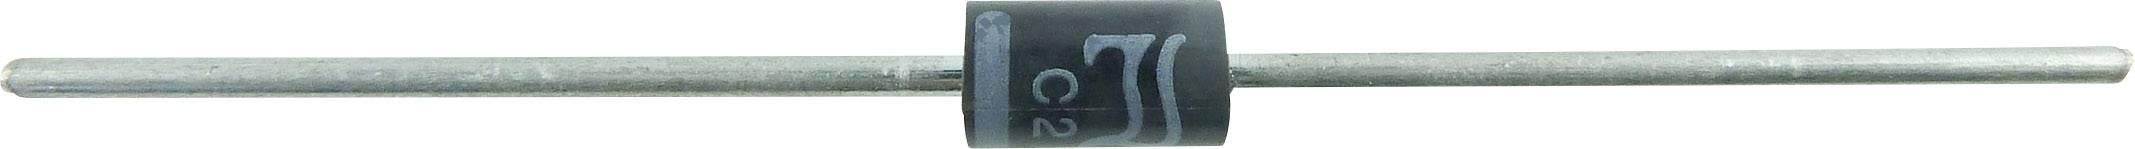 Kremíková usmerňovacia dióda Diotec 1N5402 1N5402 3 A, 200 V